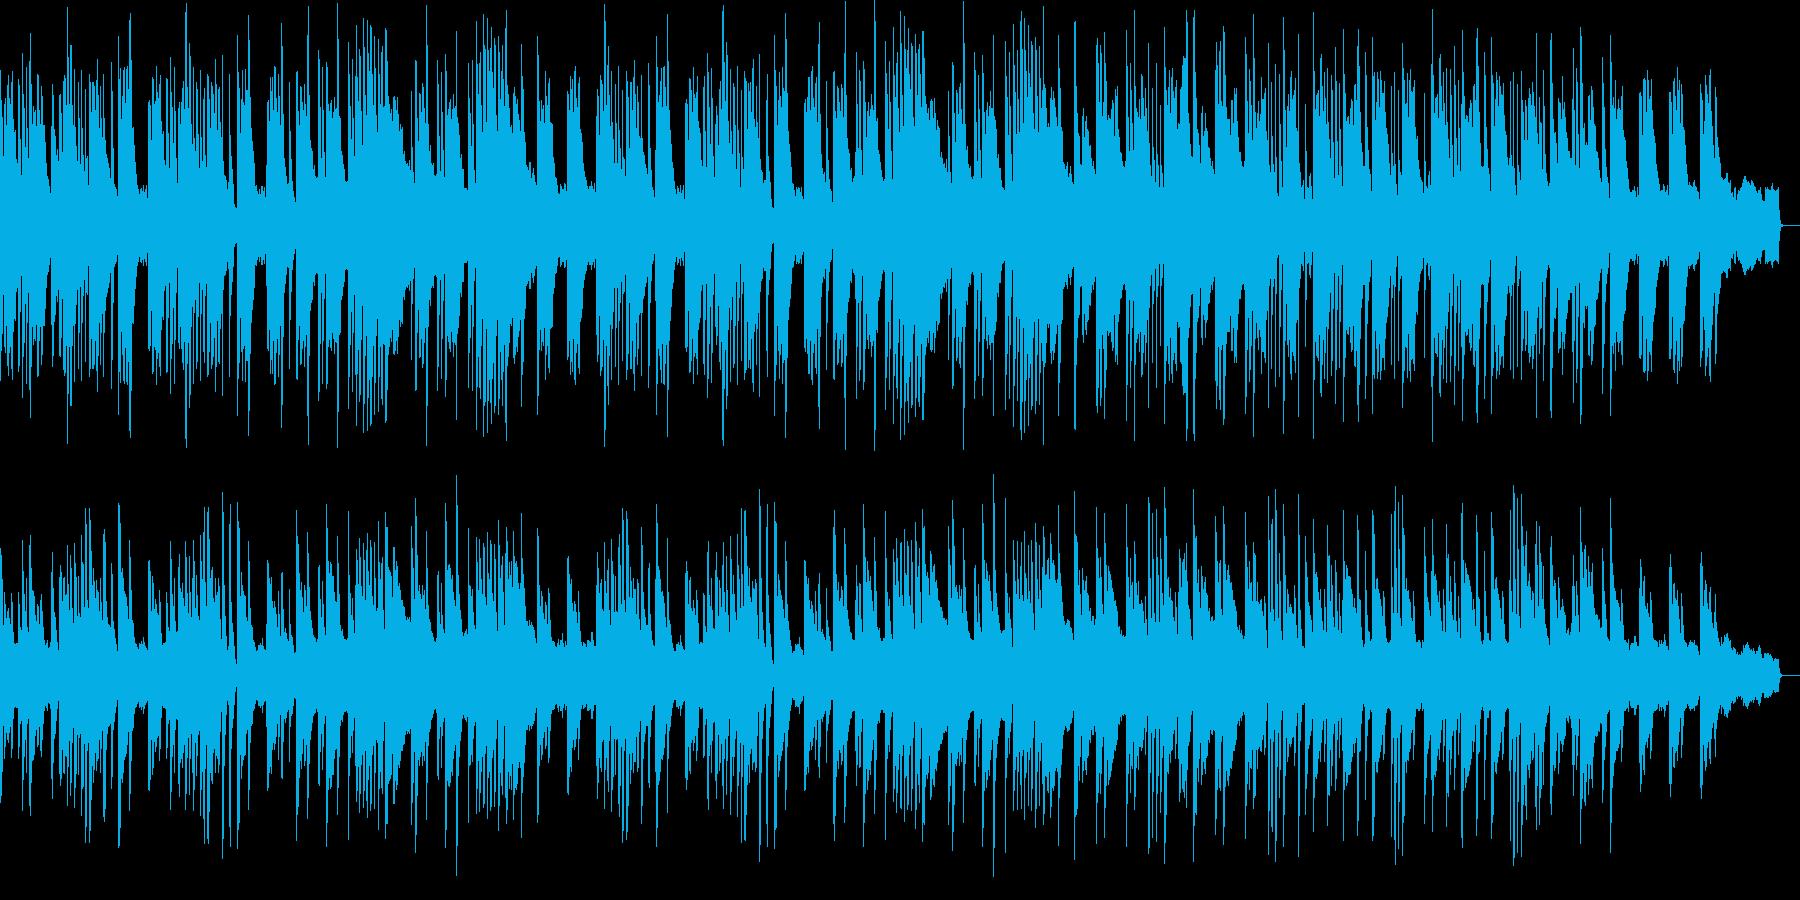 ゆったりとした旋律のピアノバラードの再生済みの波形